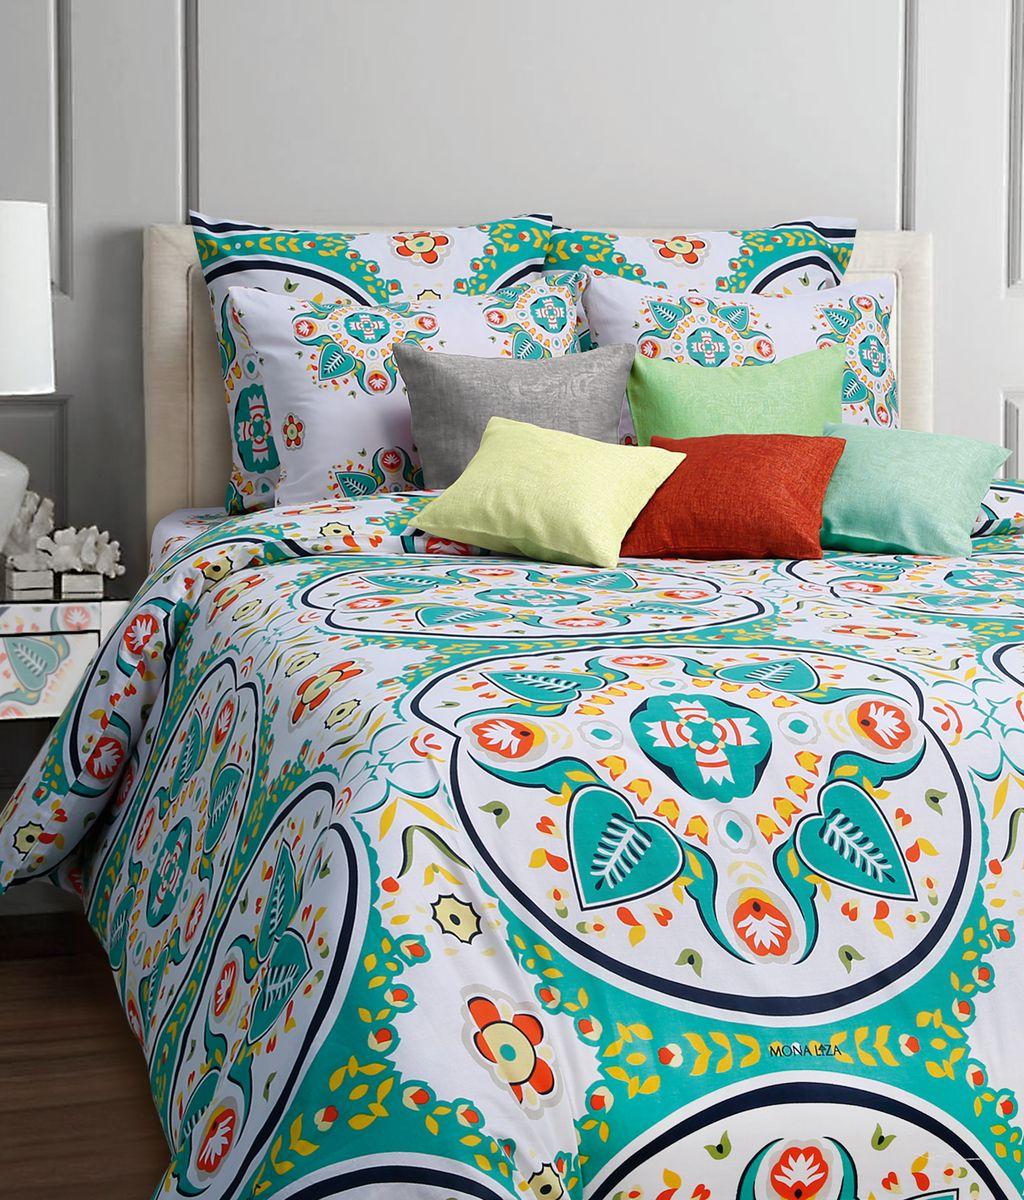 Комплект белья Mona Liza Blanche, 1,5-спальное, наволочки 50x70, цвет: светло-зеленый